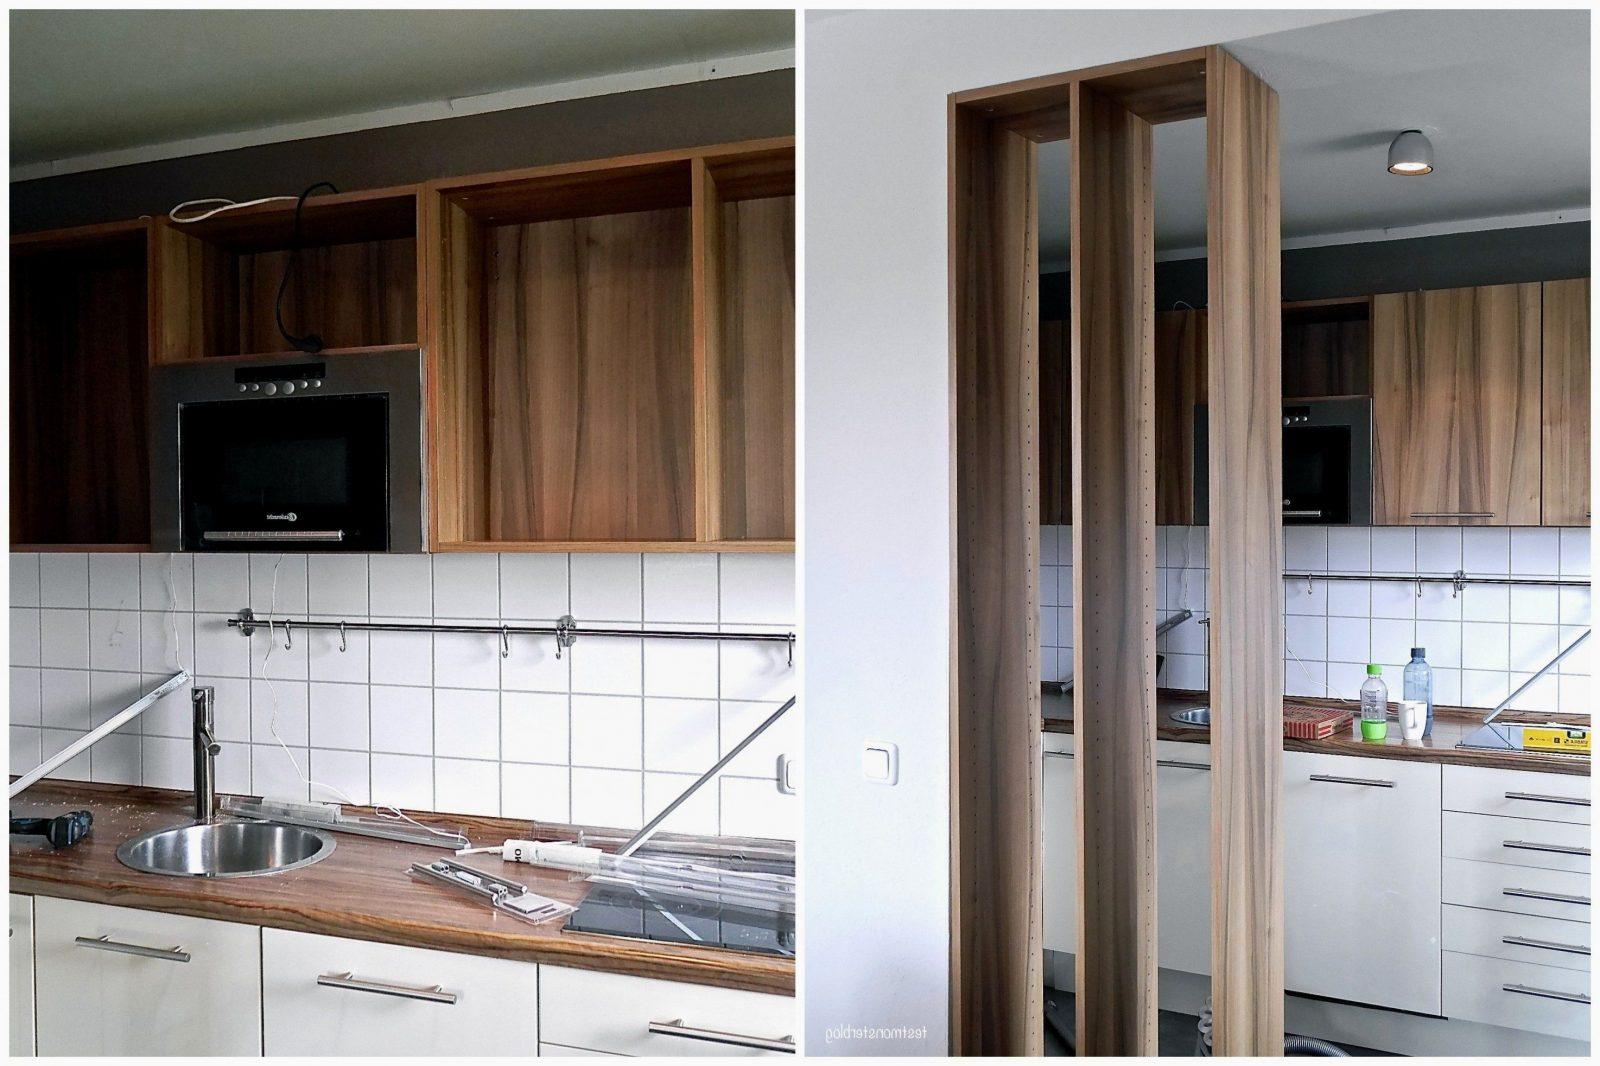 Wanddekoration Küche Selber Machen Schön Wandverkleidung Küche von Wanddeko Küche Selber Machen Photo